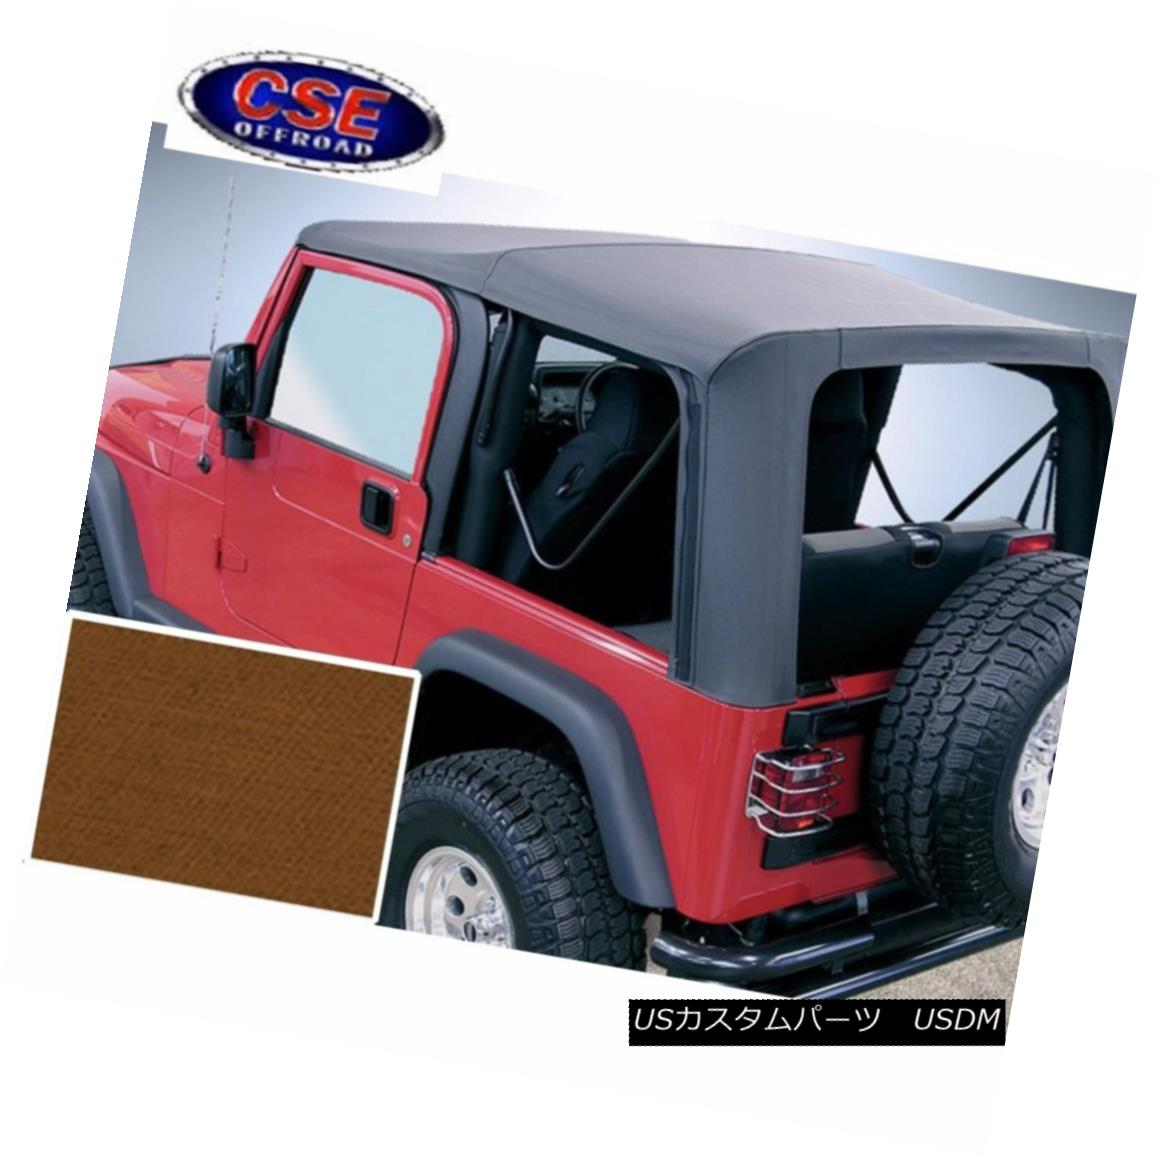 幌・ソフトトップ Jeep Wrangler TJ Soft Top Dark Tan Clear Windows 97-02 Rugged Ridge 13705.33 ジープラングラーTJソフトトップダークタンクリアWindows 97-02 Rugged Ridge 13705.33